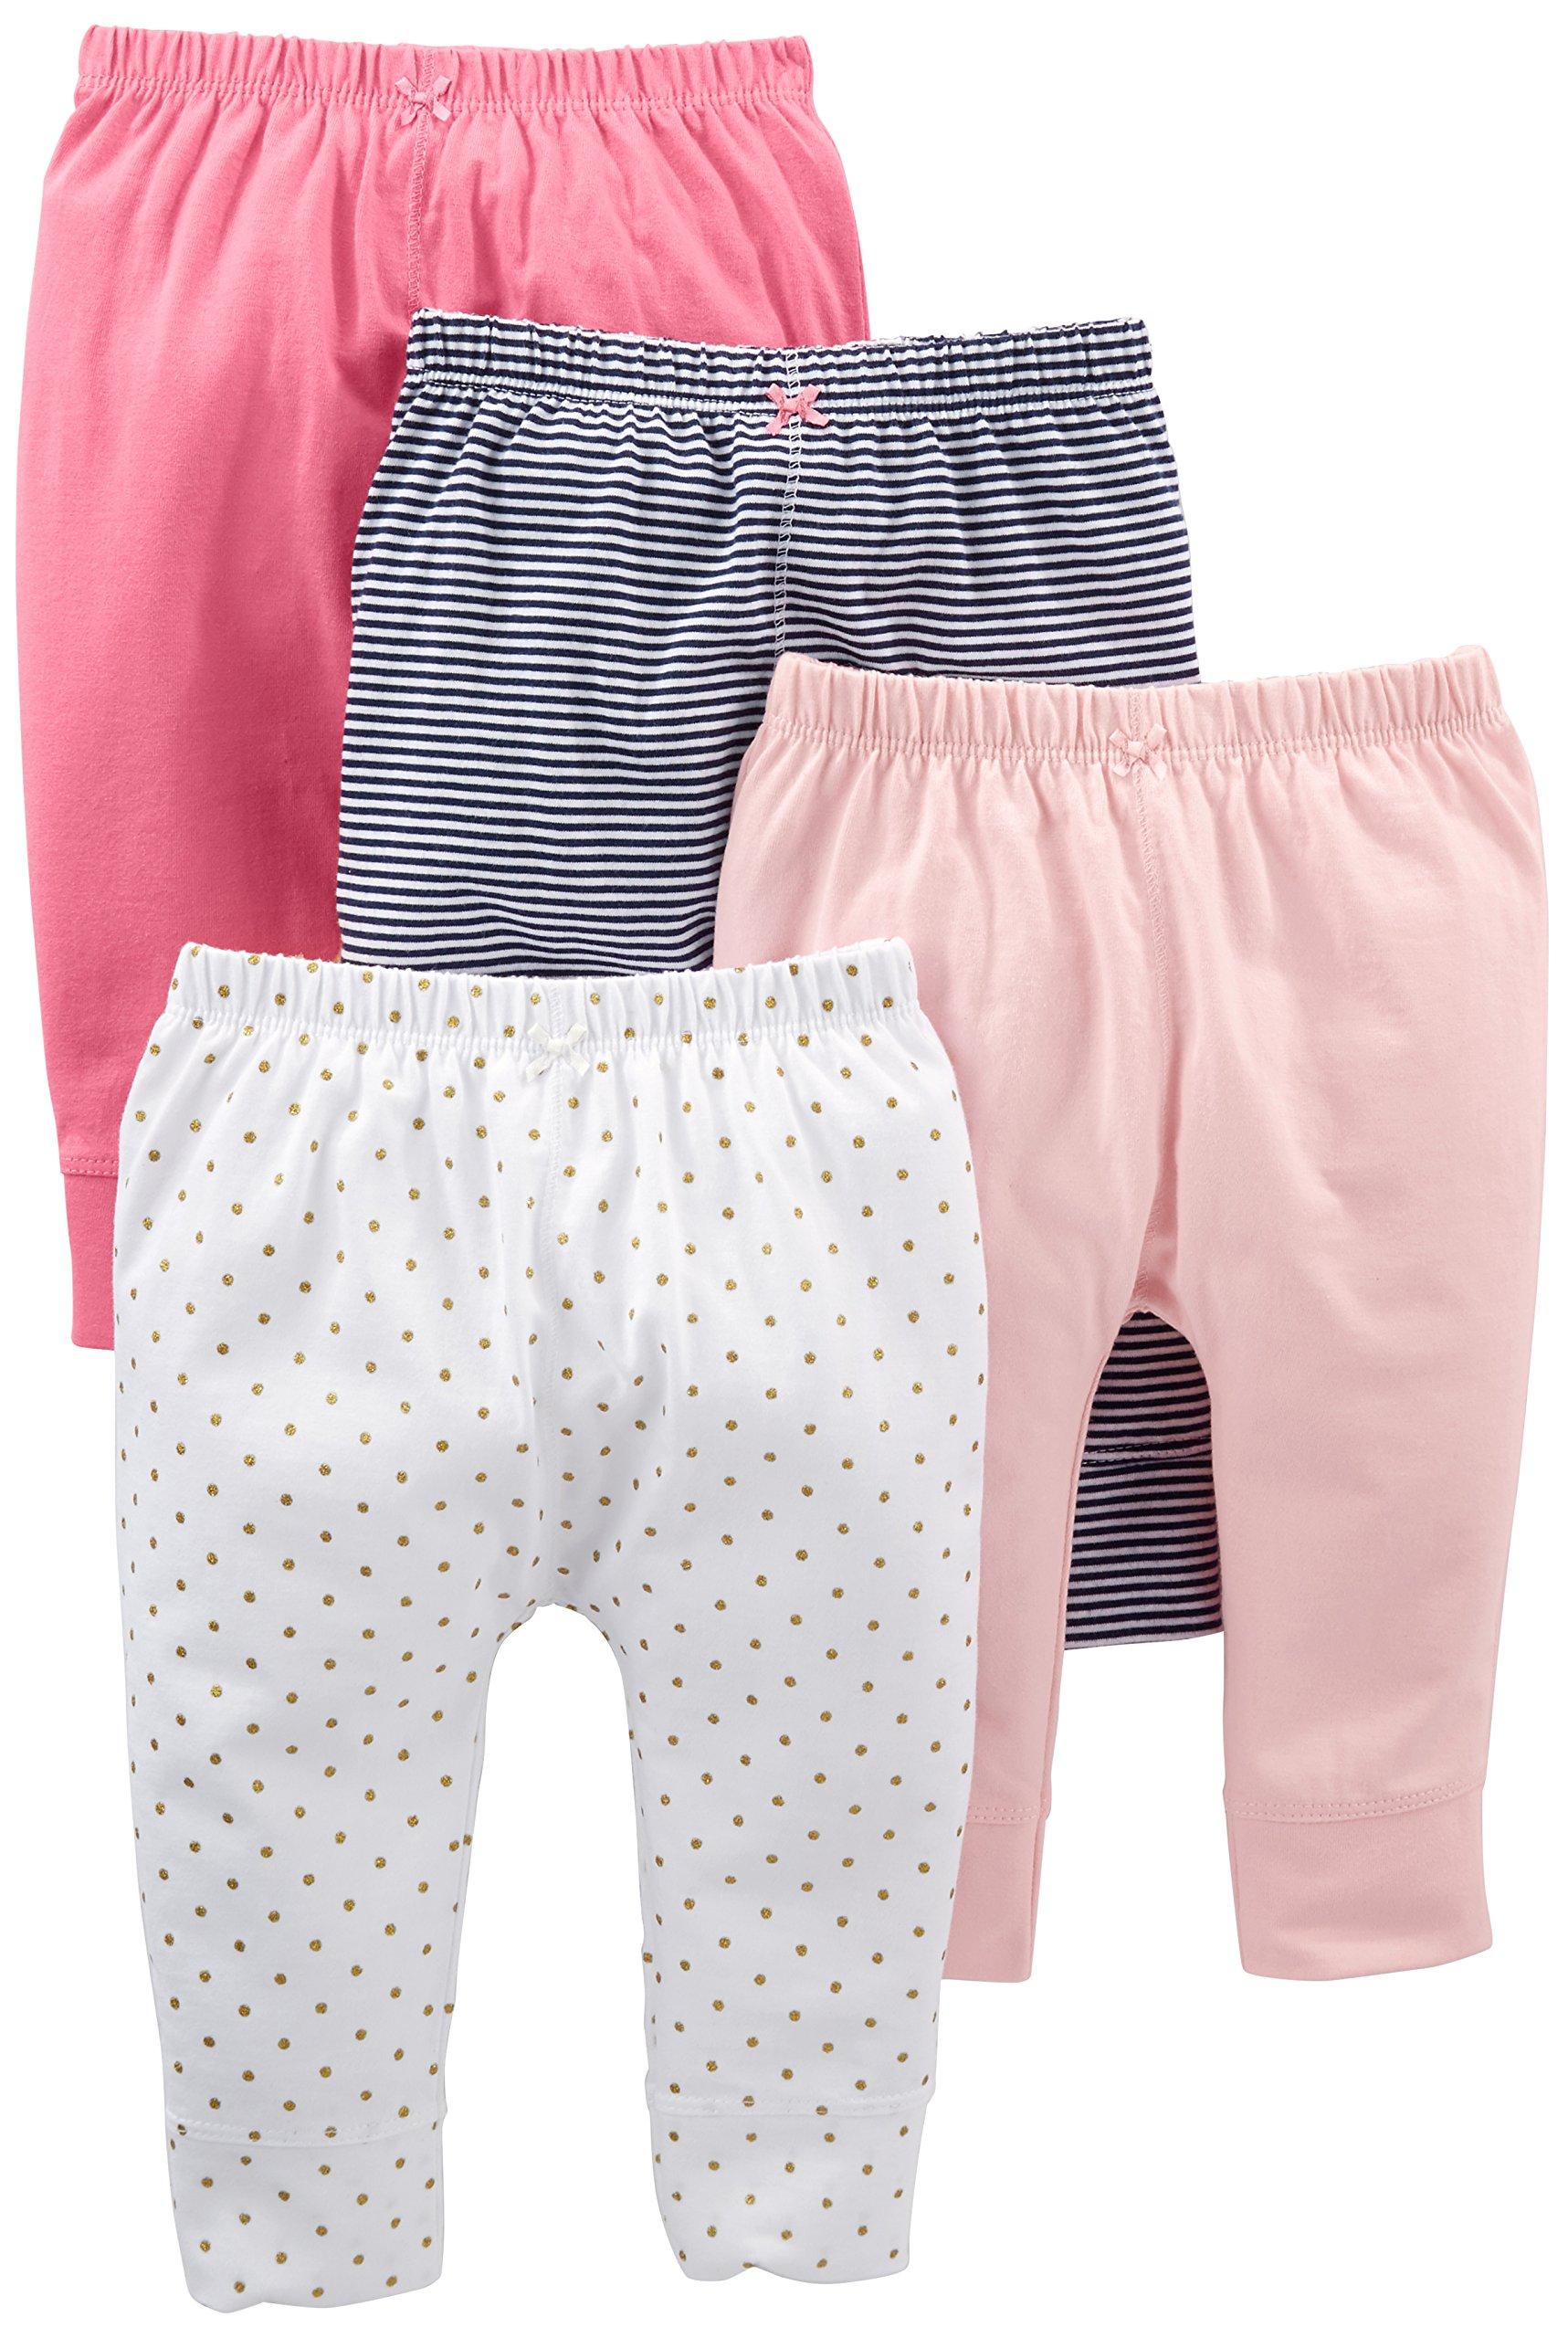 Simple Joys by Carter's pantalón para niñas pequeñas, paquete de 4 1